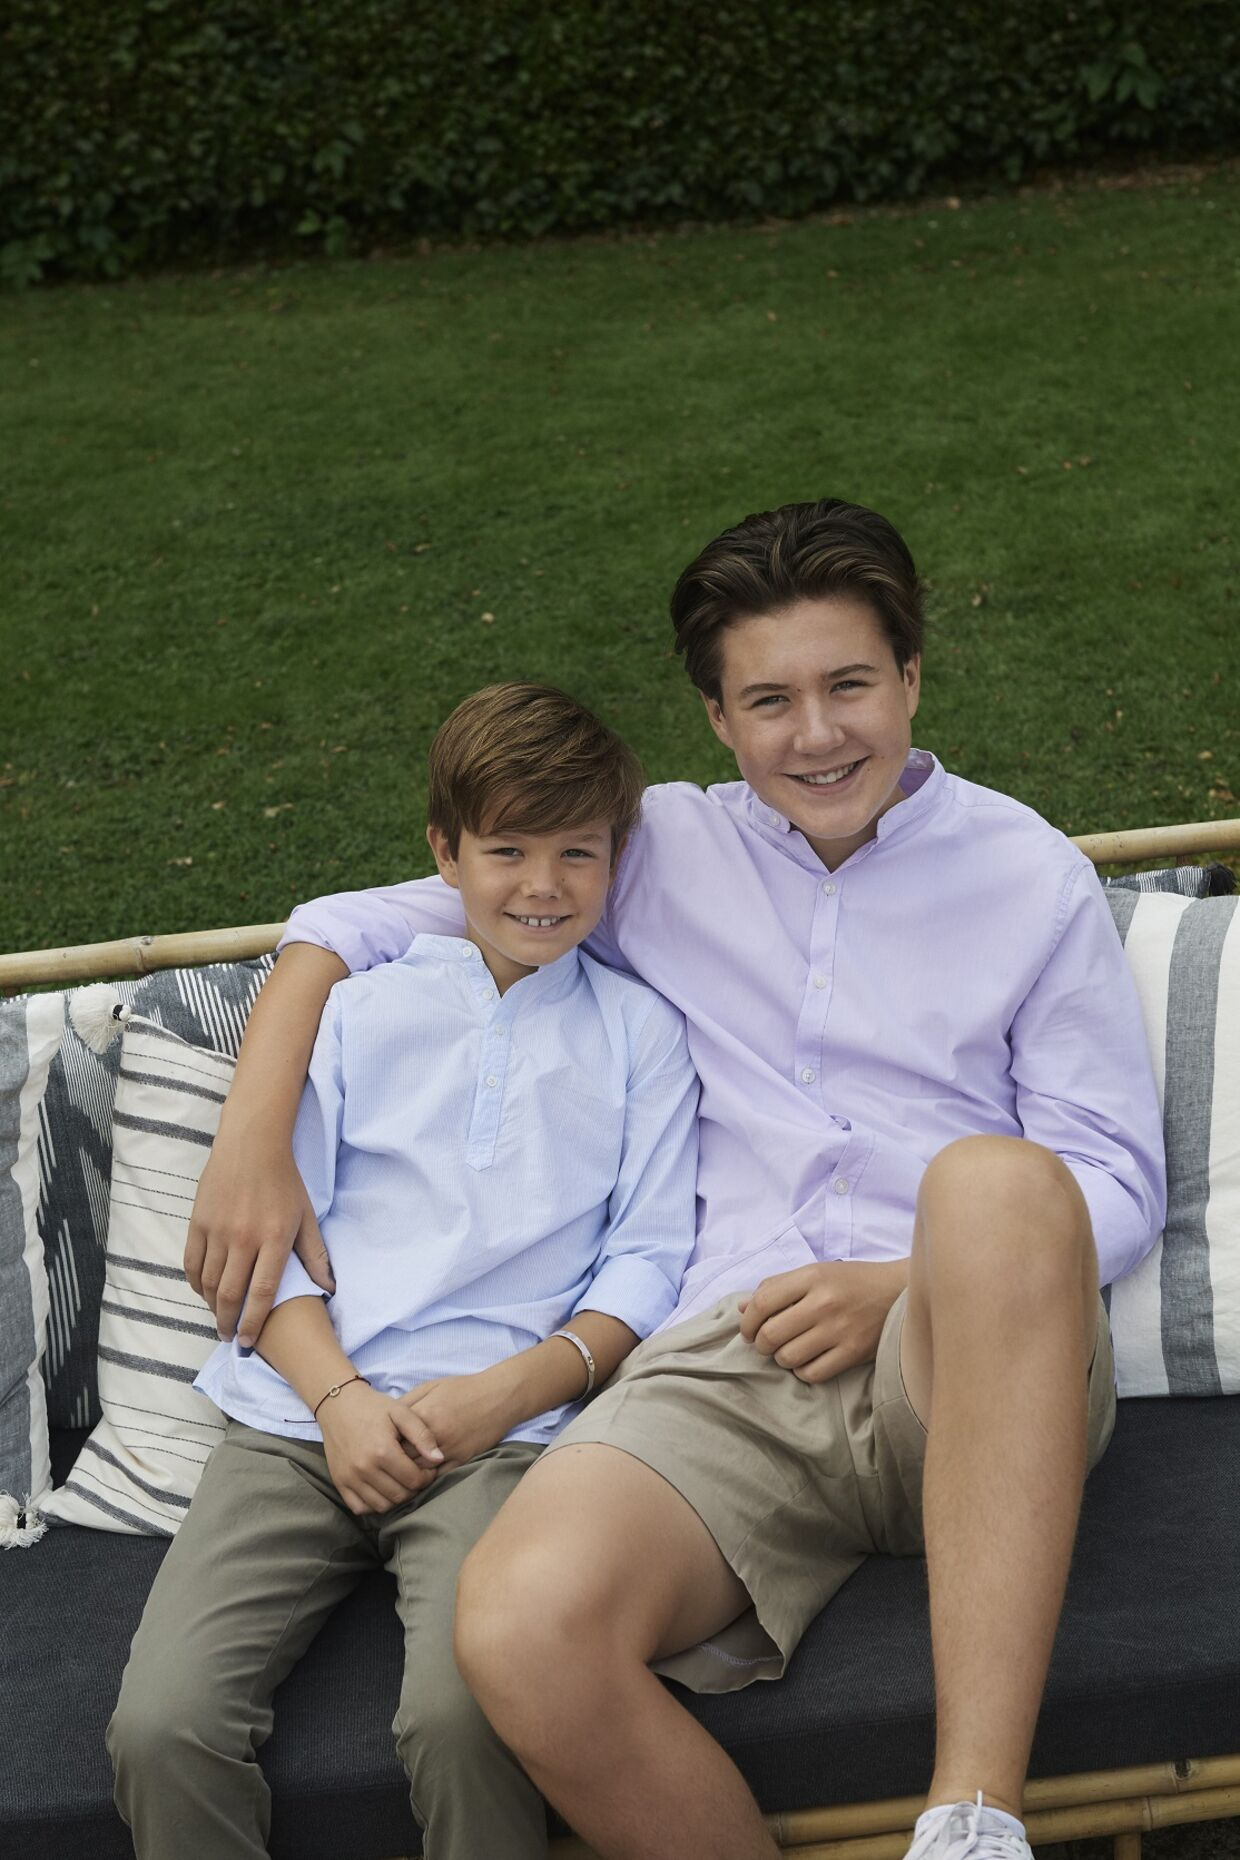 Der er ingen tvivl om, at de to prinser, prins Christian og prins Vincent, er glade for hinanden.